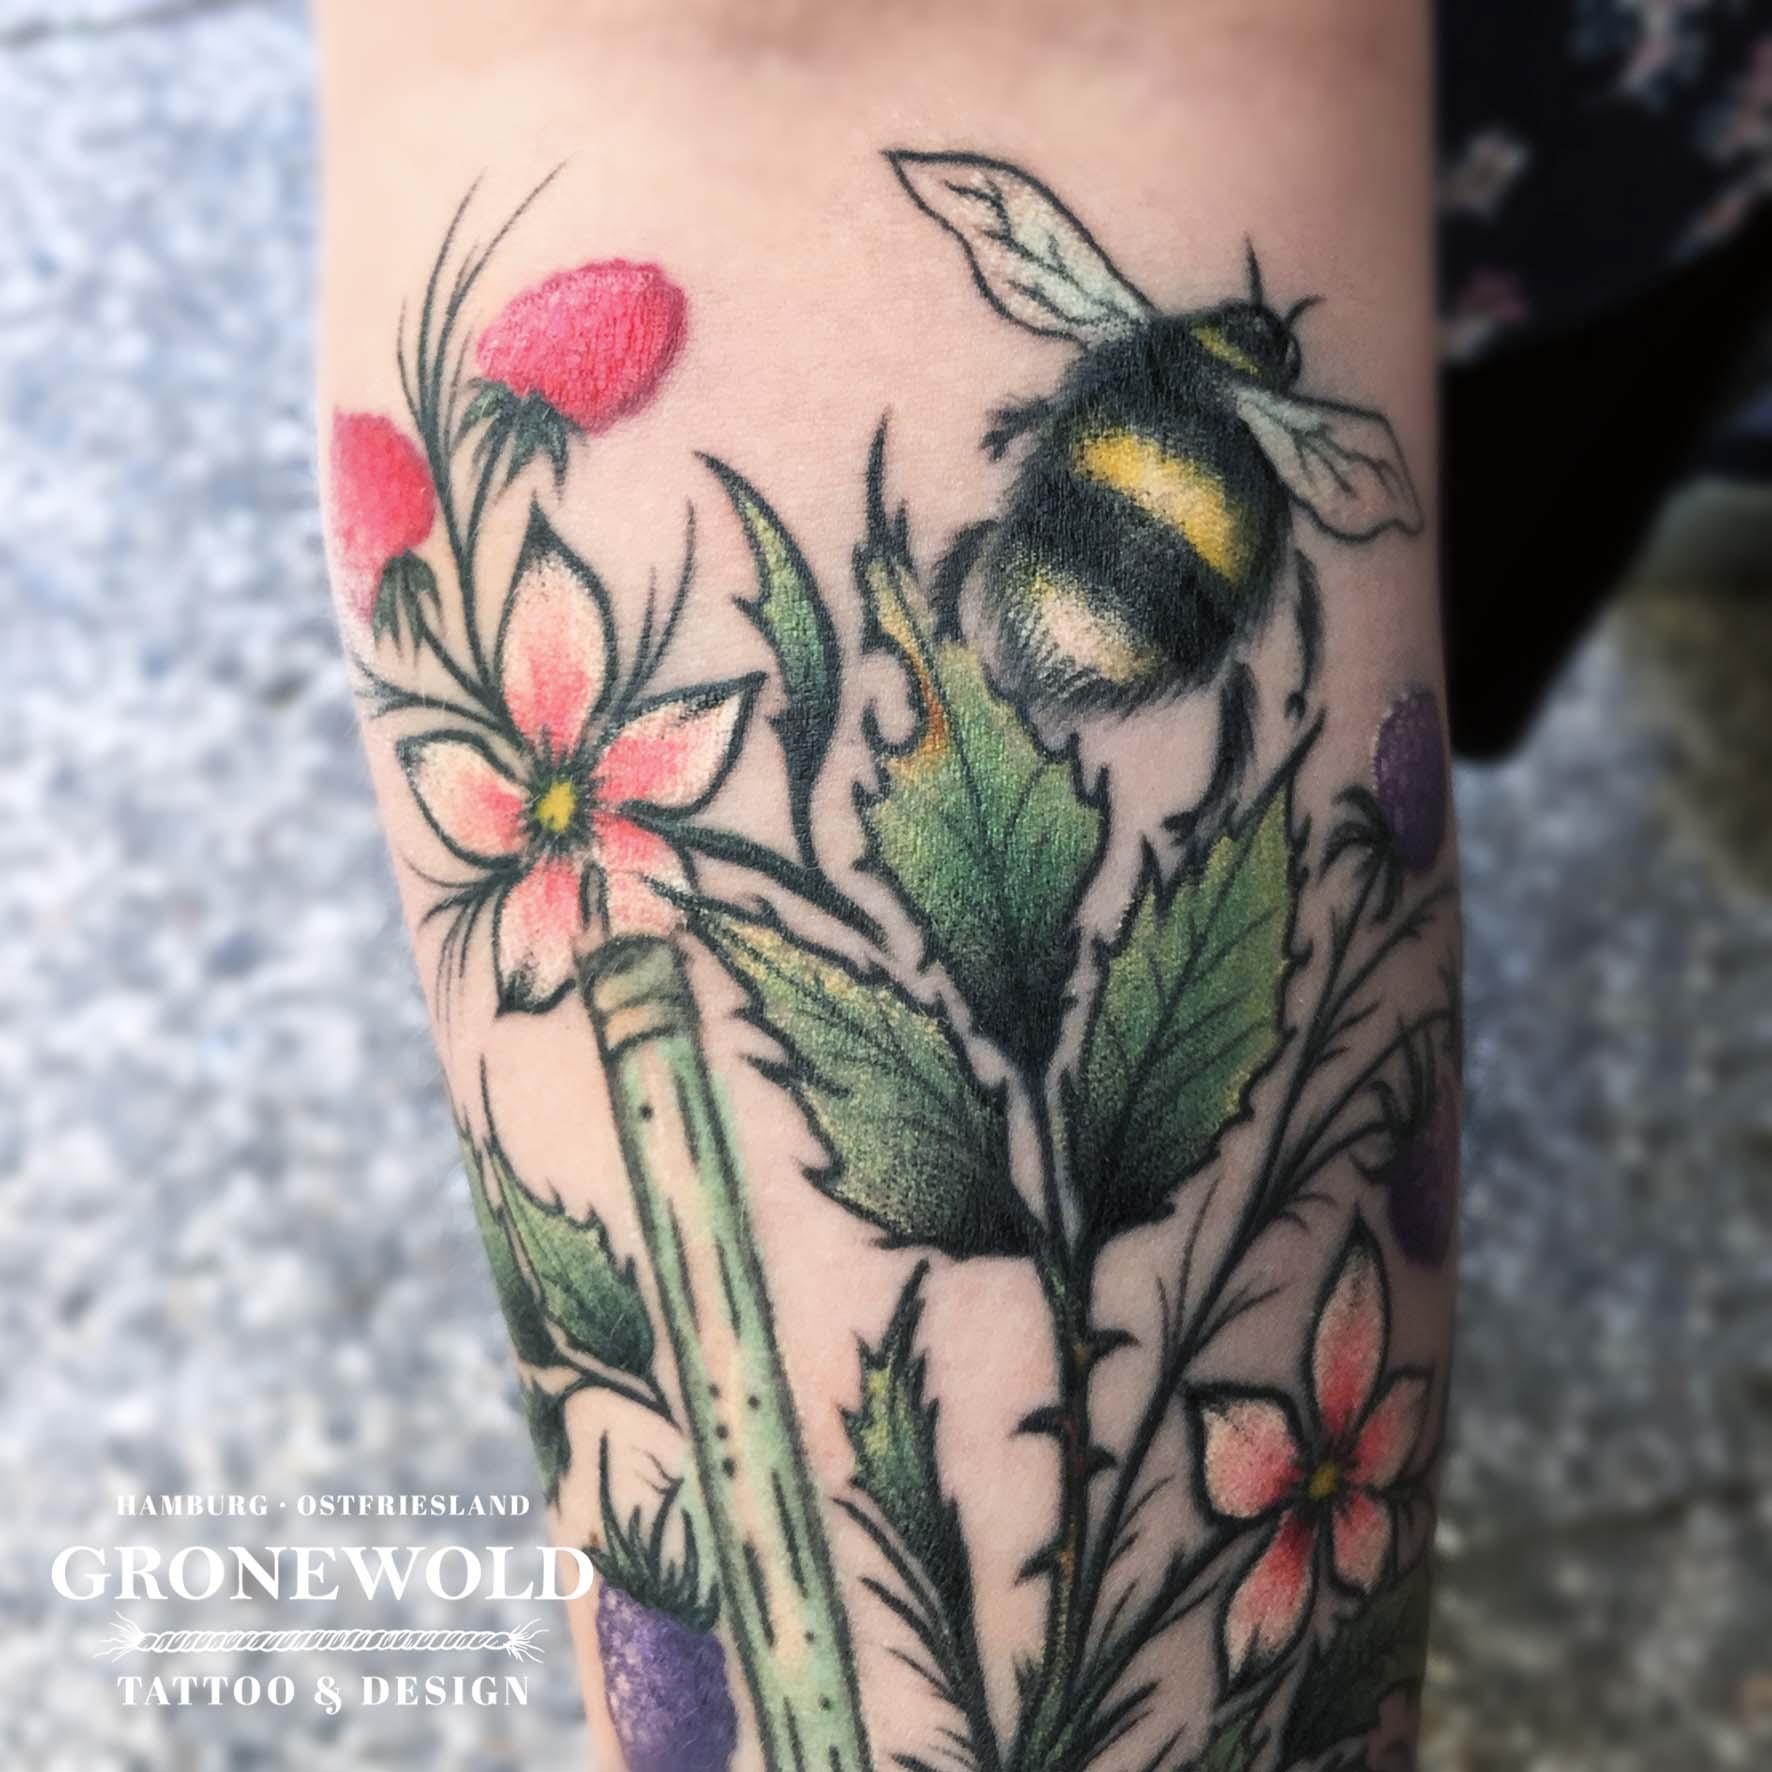 cgtattoo_quadra_150dpi_rgb_bumblebee_detail